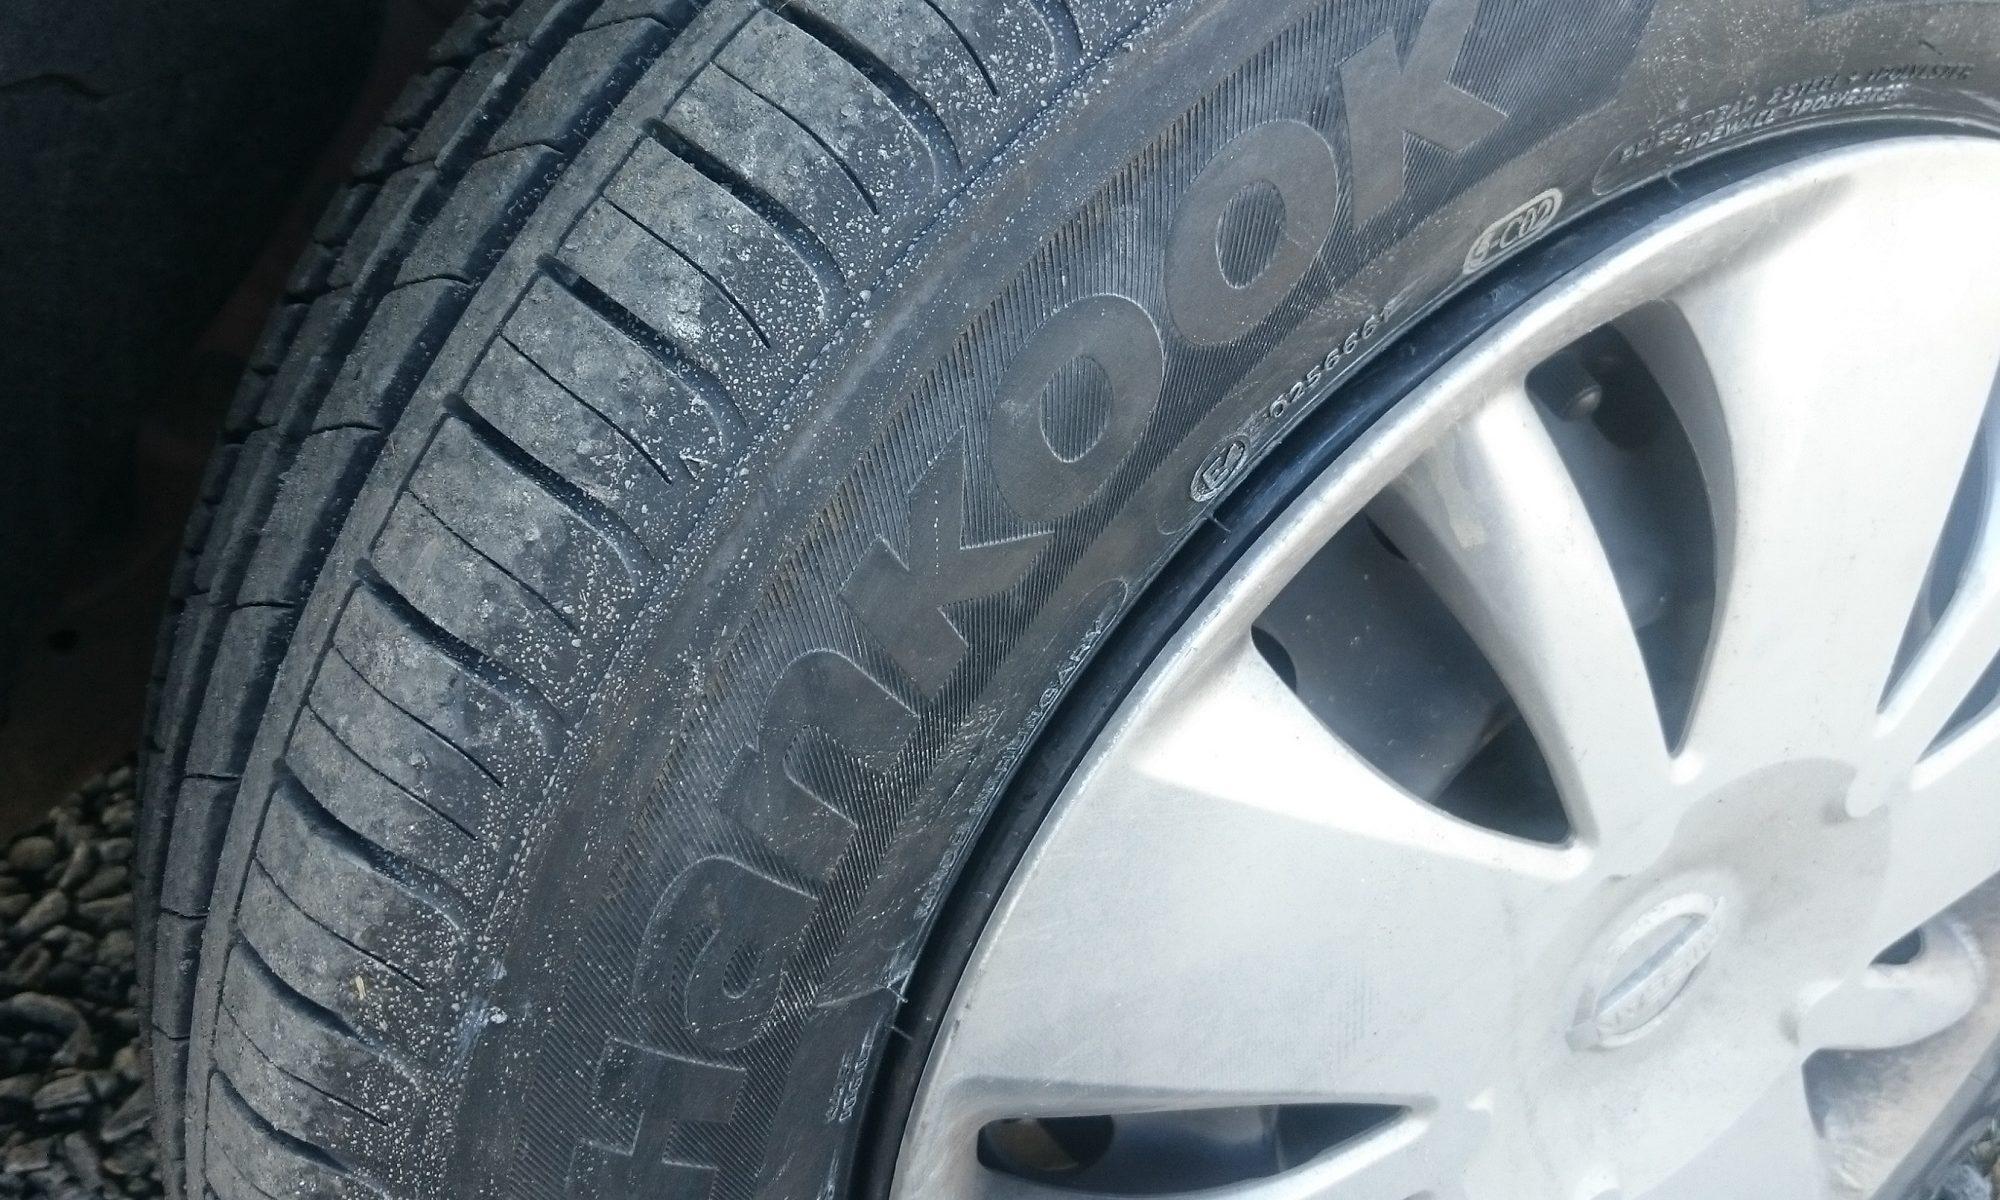 Bildauschnitt von schmutzigen Hankook Reifen.